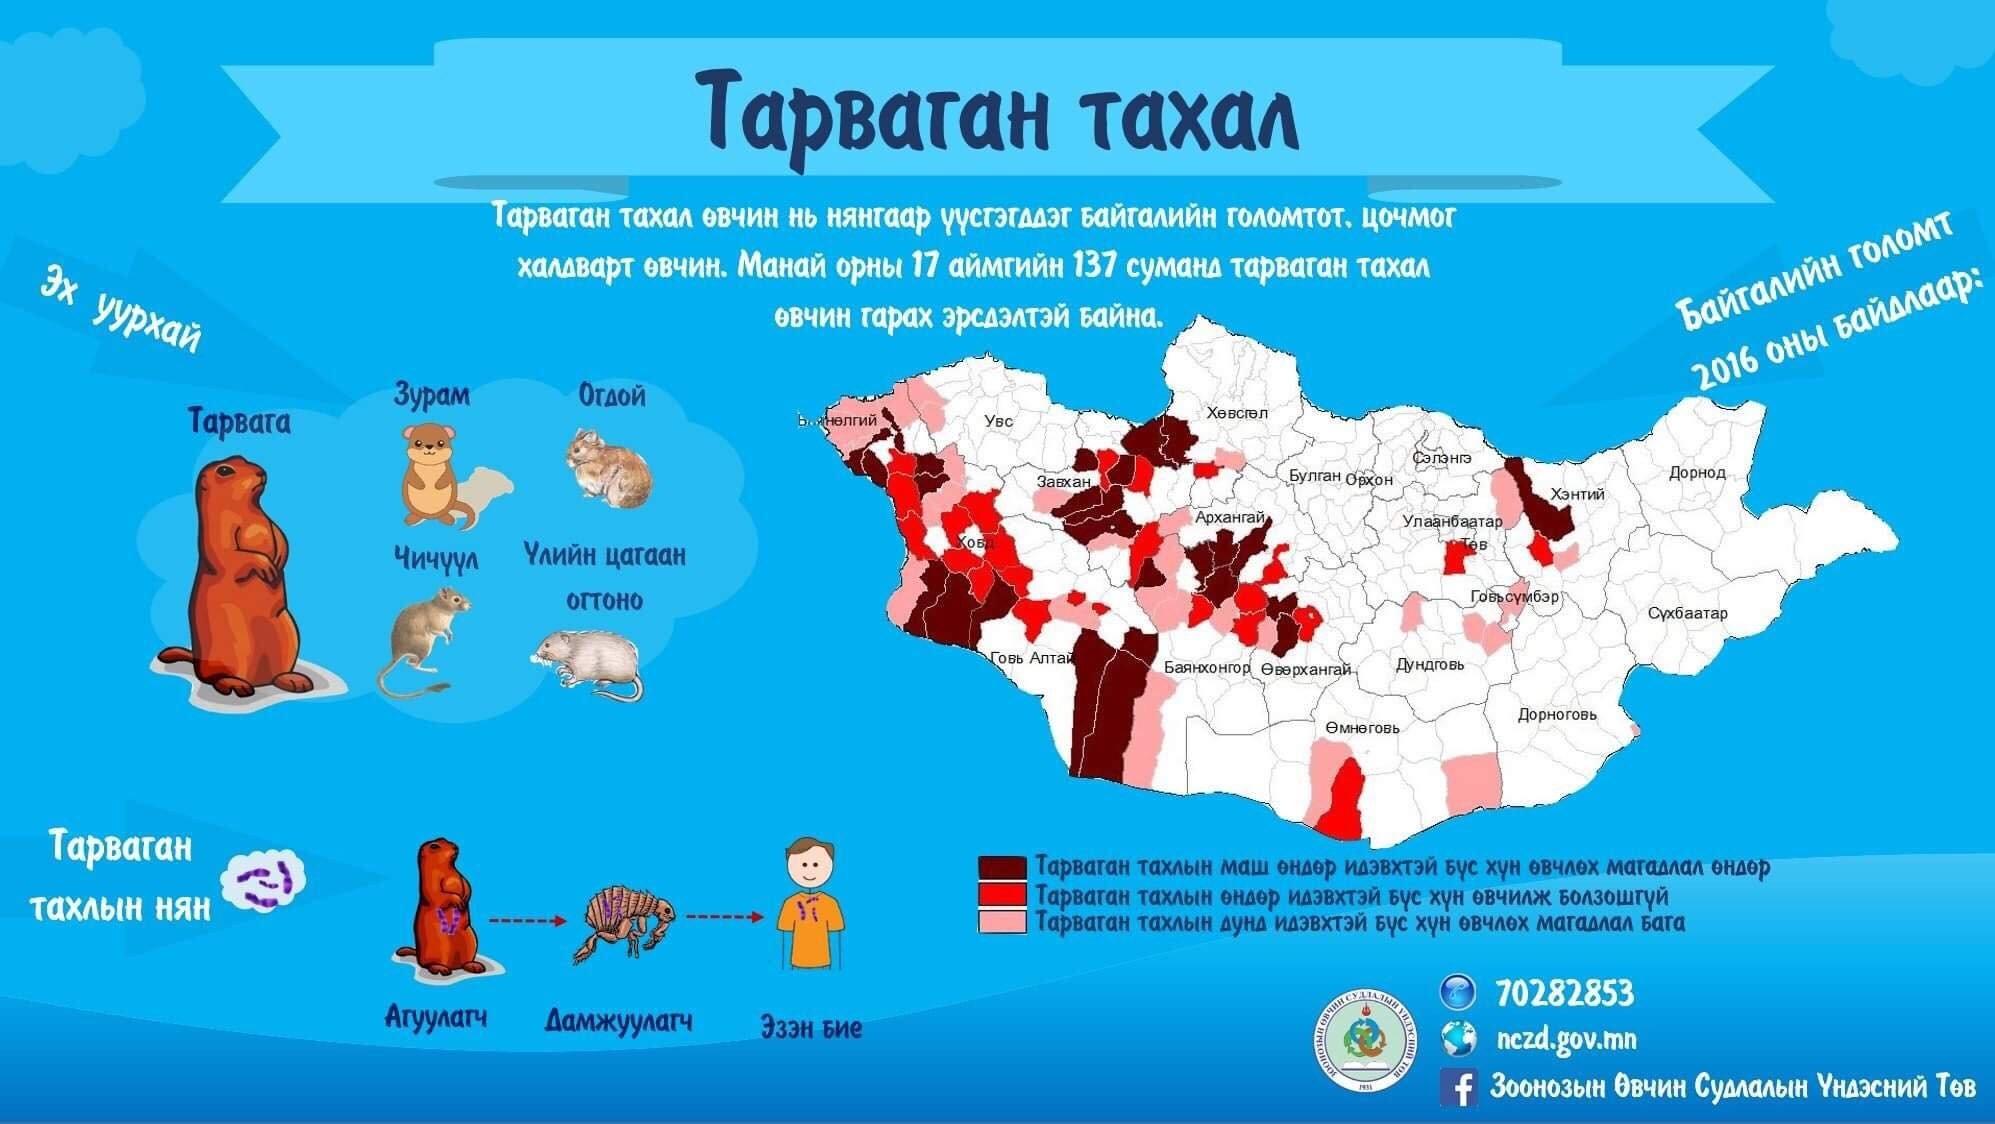 03052019-1556842972-335341732-4 Тарваган тахлын халдвараас сэргийлээрэй